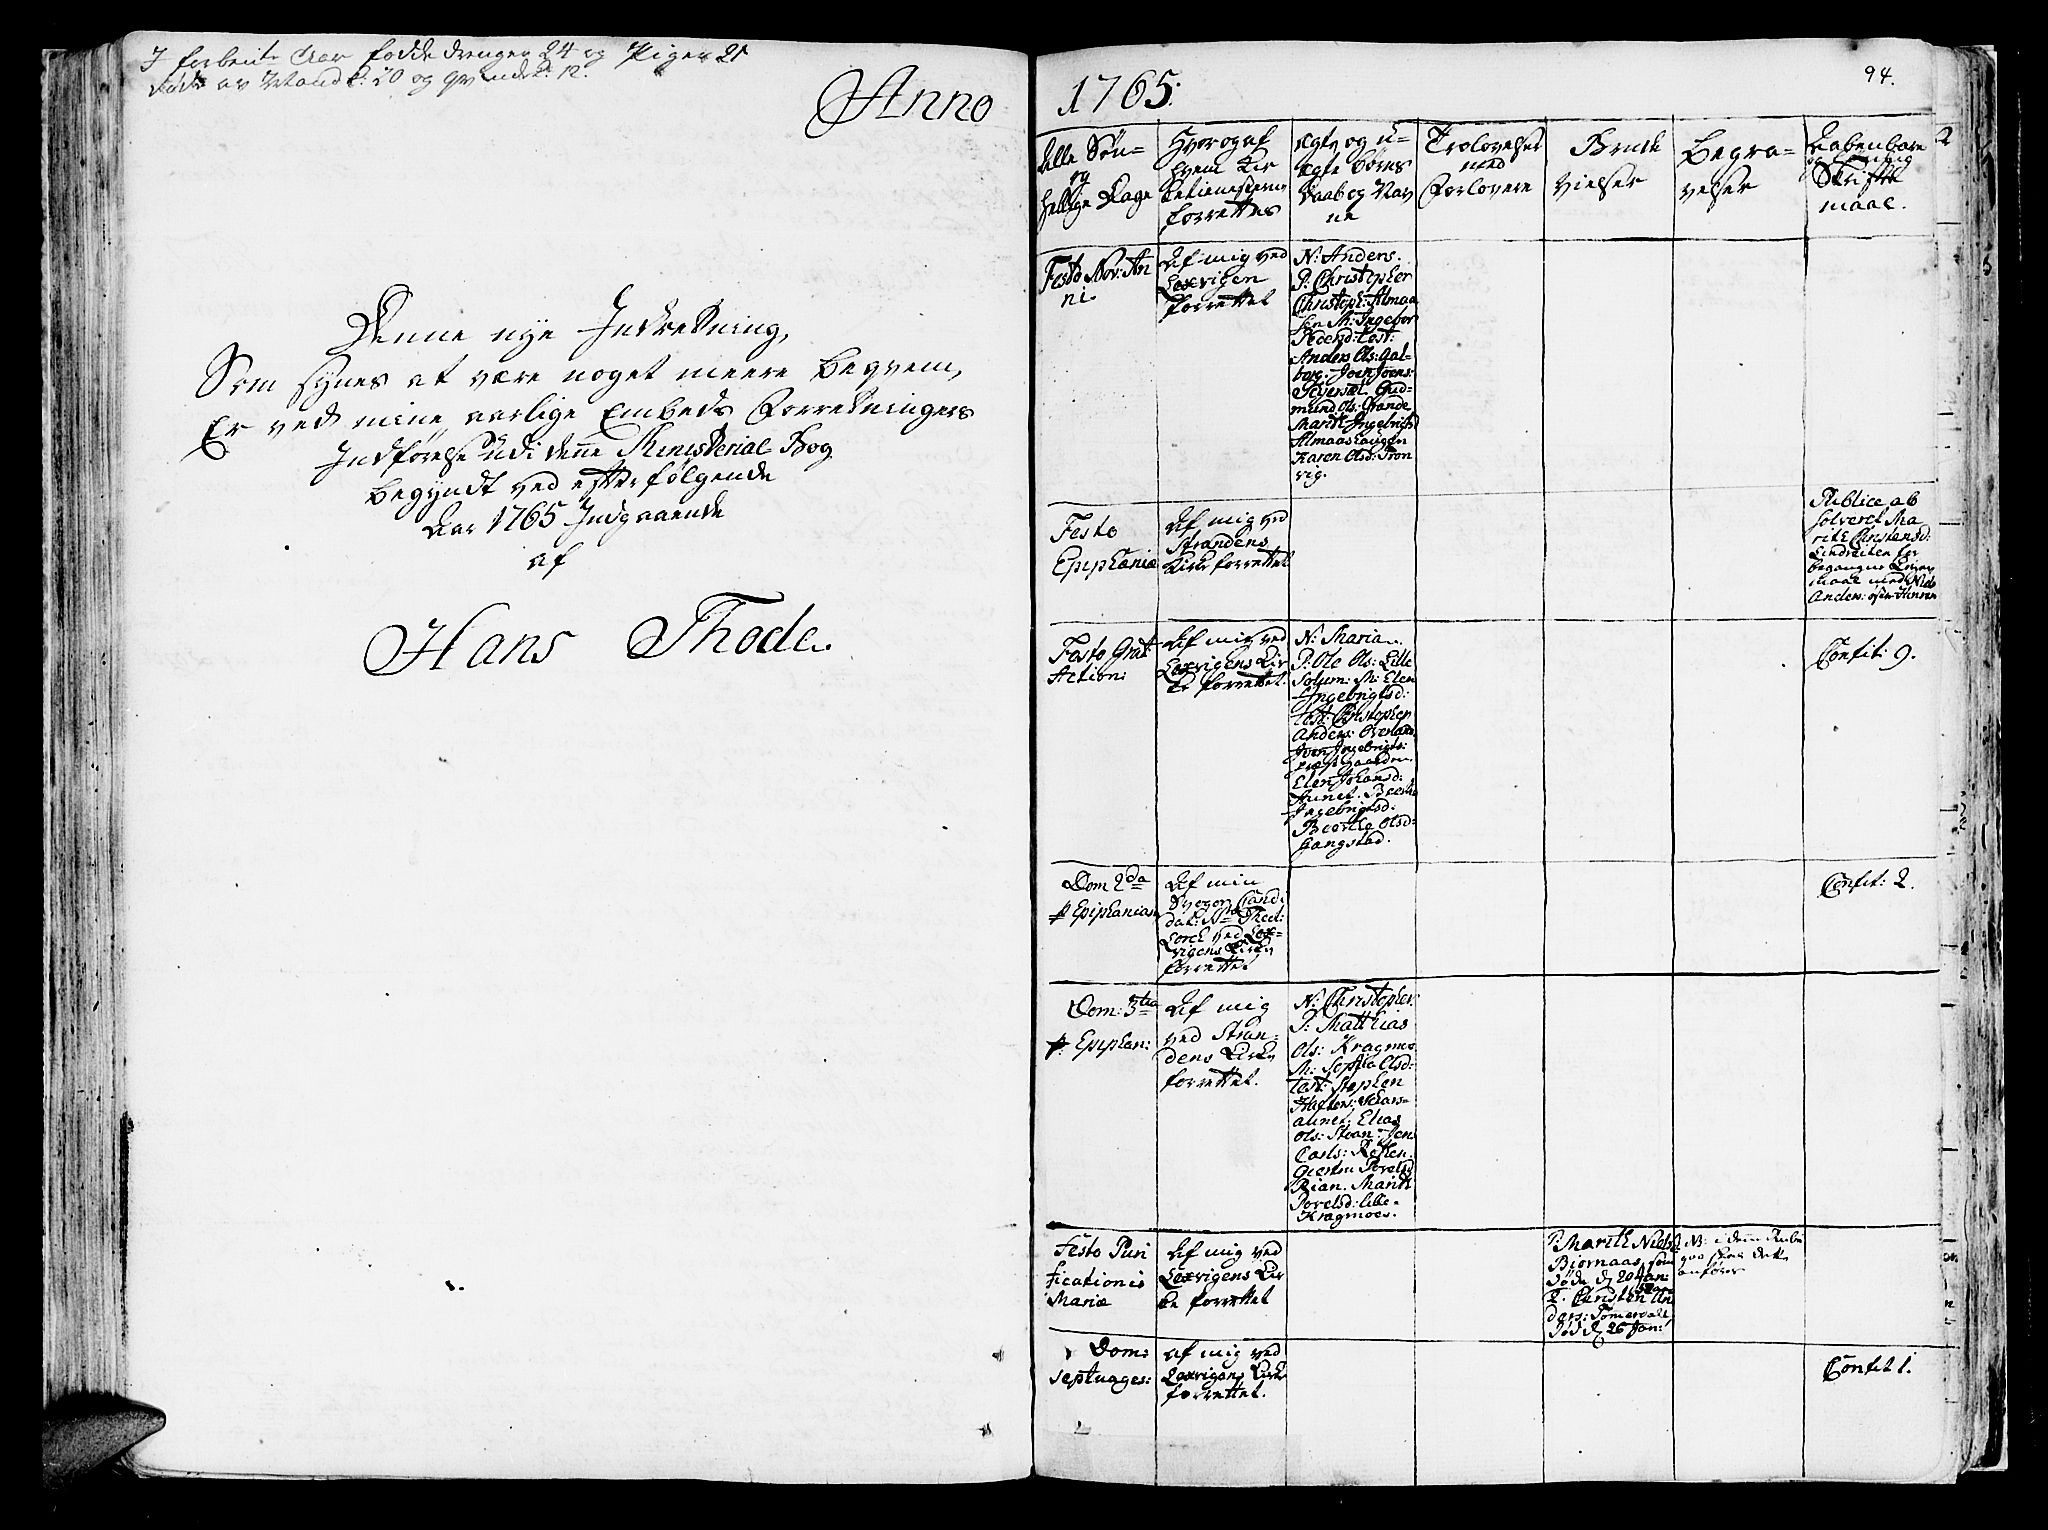 SAT, Ministerialprotokoller, klokkerbøker og fødselsregistre - Nord-Trøndelag, 701/L0003: Ministerialbok nr. 701A03, 1751-1783, s. 94